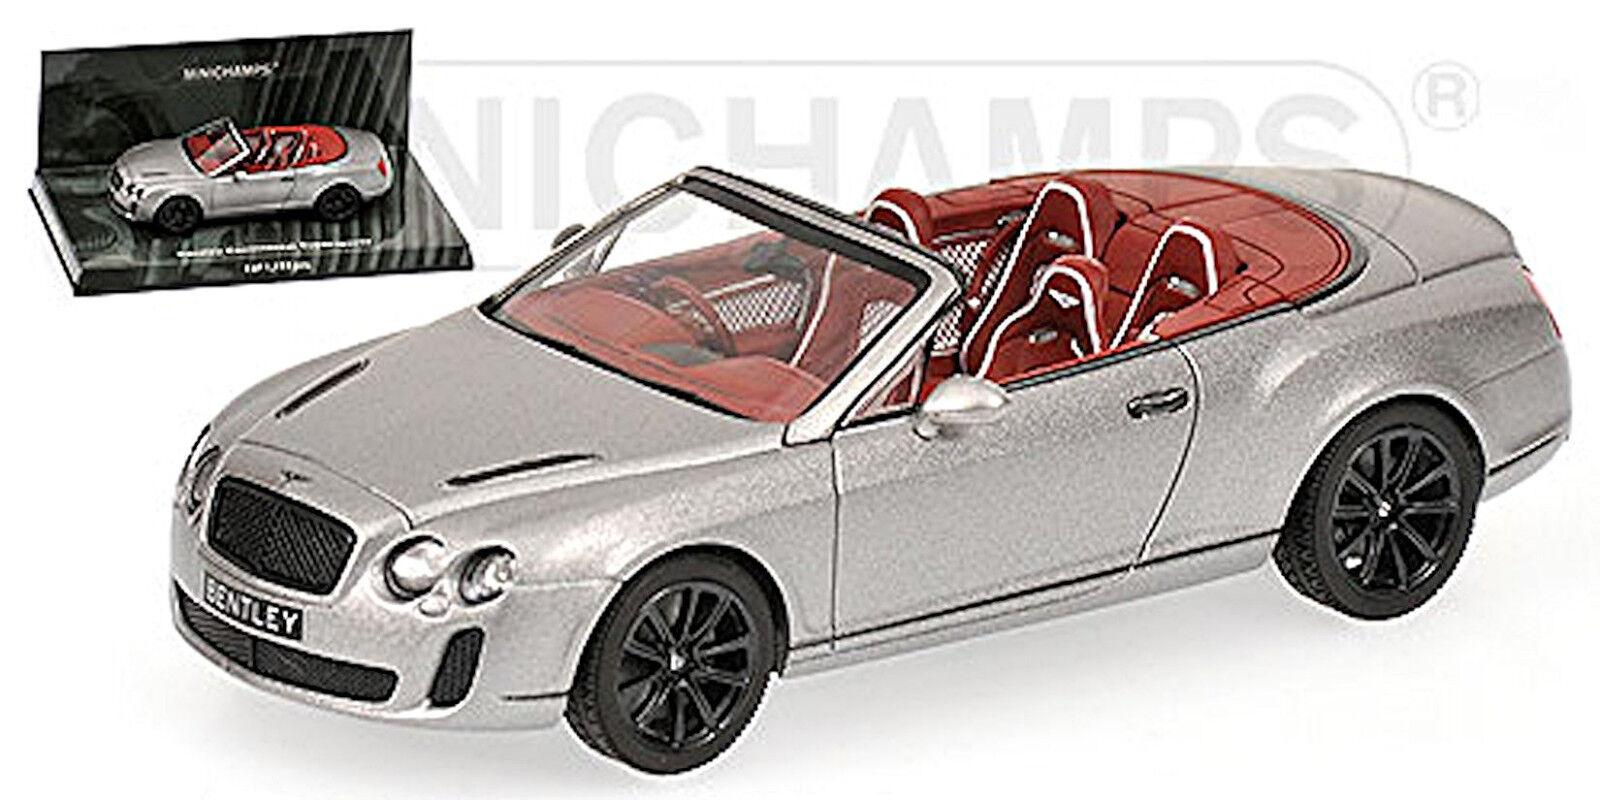 increíbles descuentos Bentley Continental Continental Continental súper puertos converdeible 2009-13 gris gris metalizado 1 43  tienda de ventas outlet